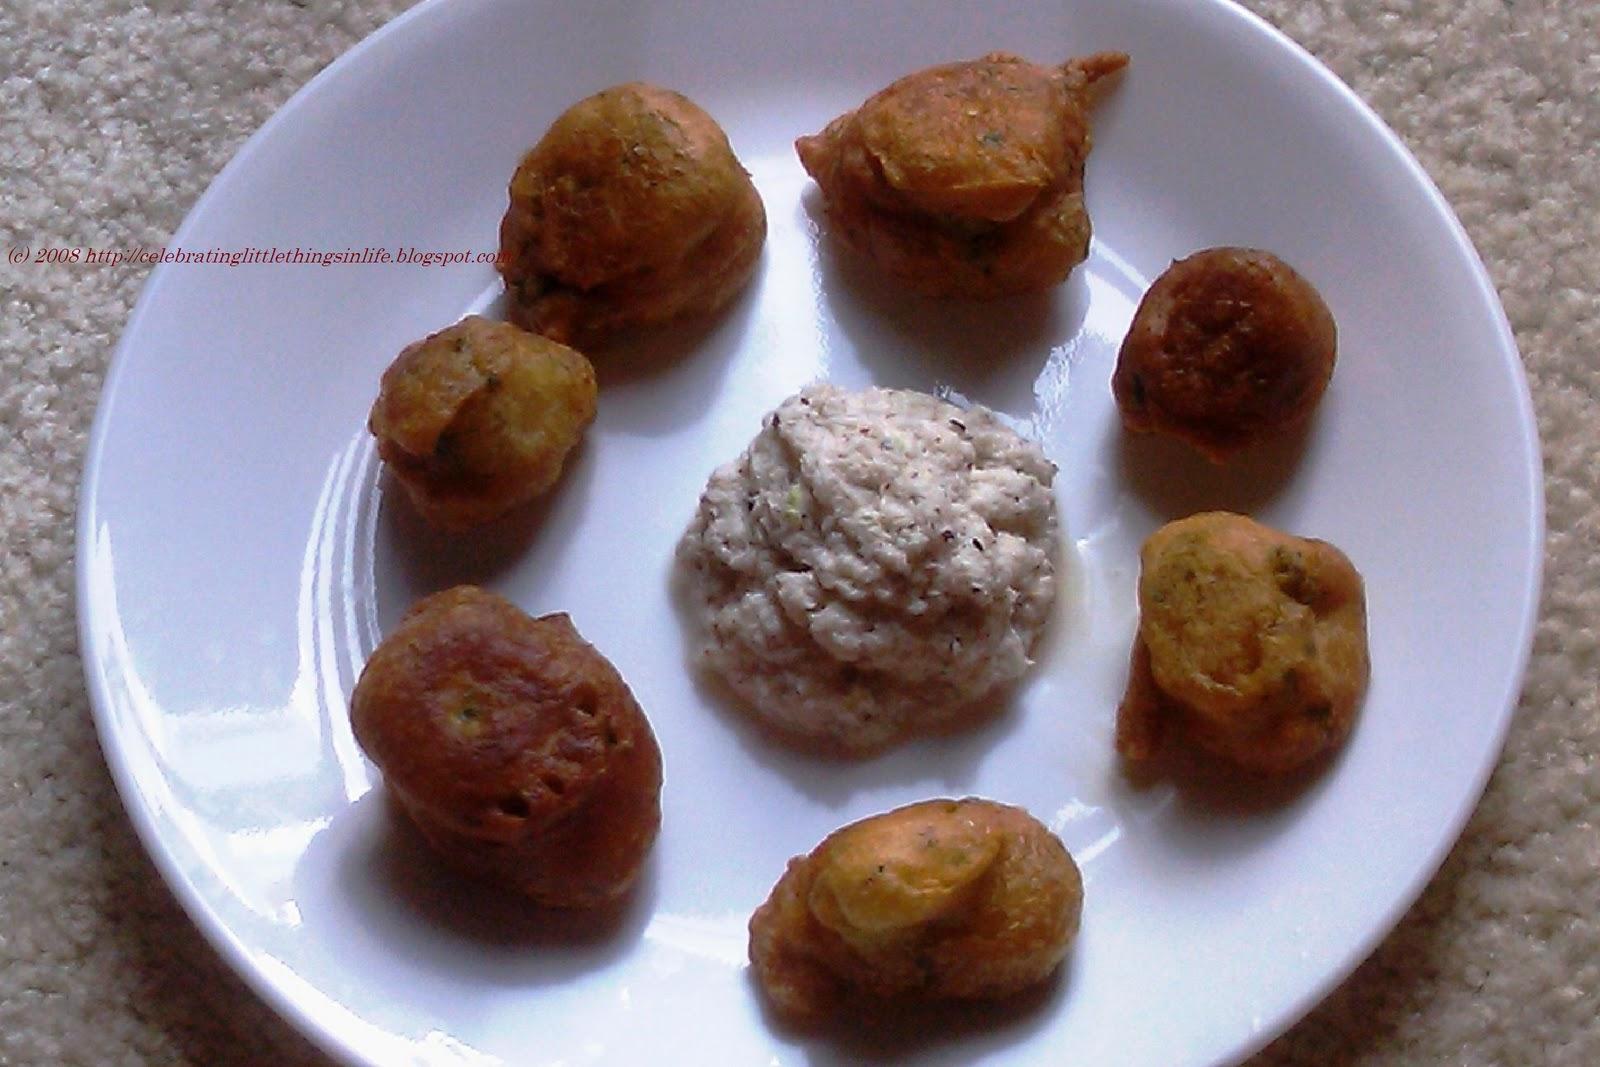 Maharashtra Traditional Food Recipes